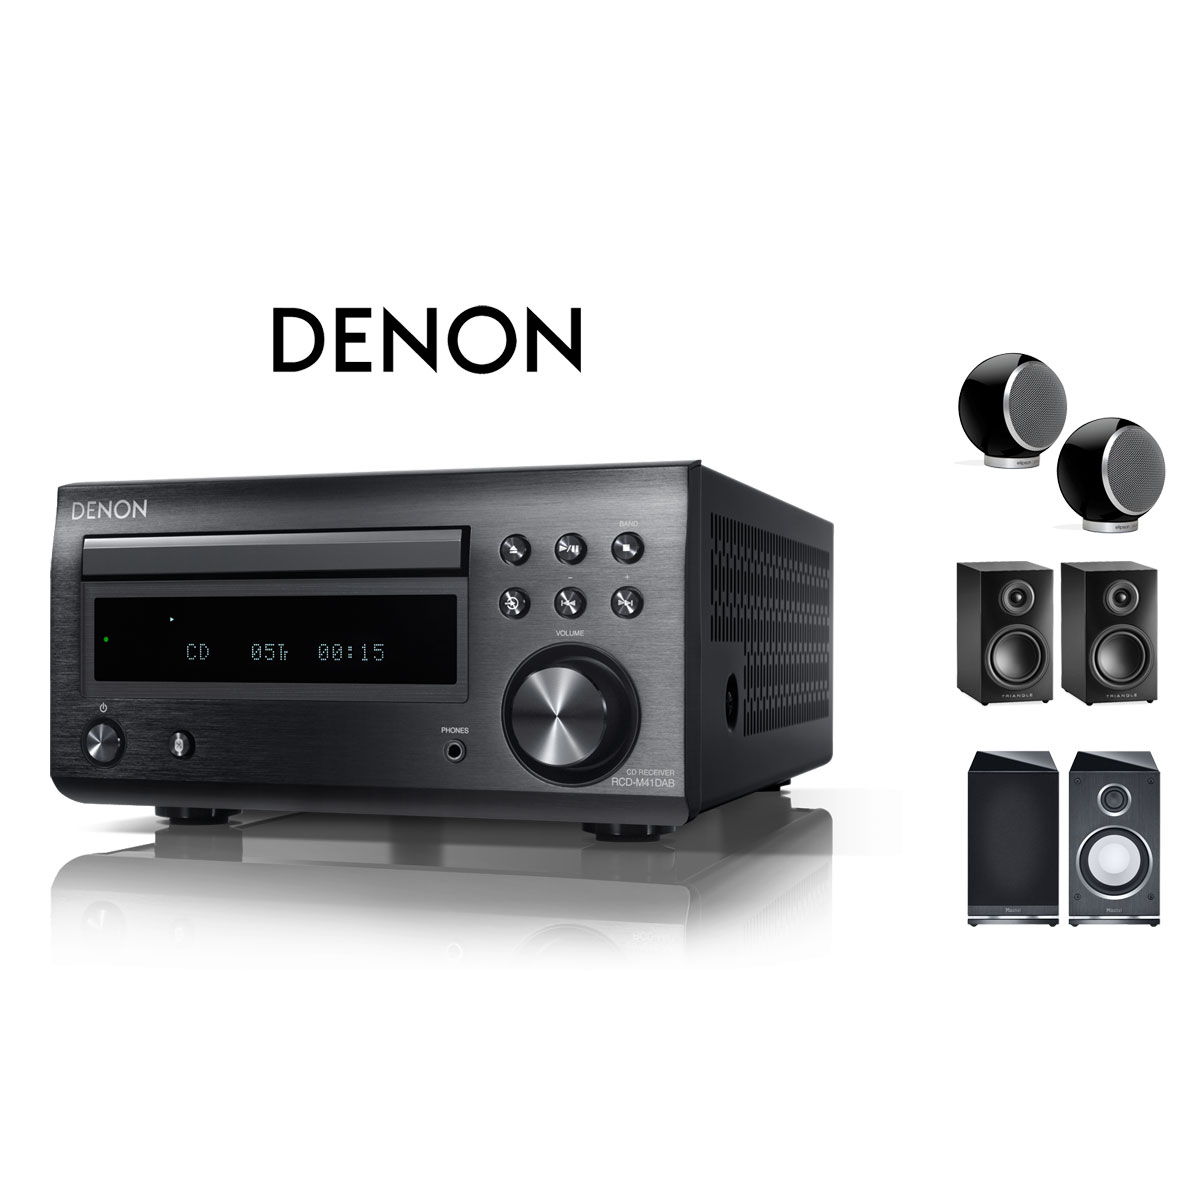 Denon RCD-M 41 DAB schwarz CD-Receiver + Lautsprecher 99481